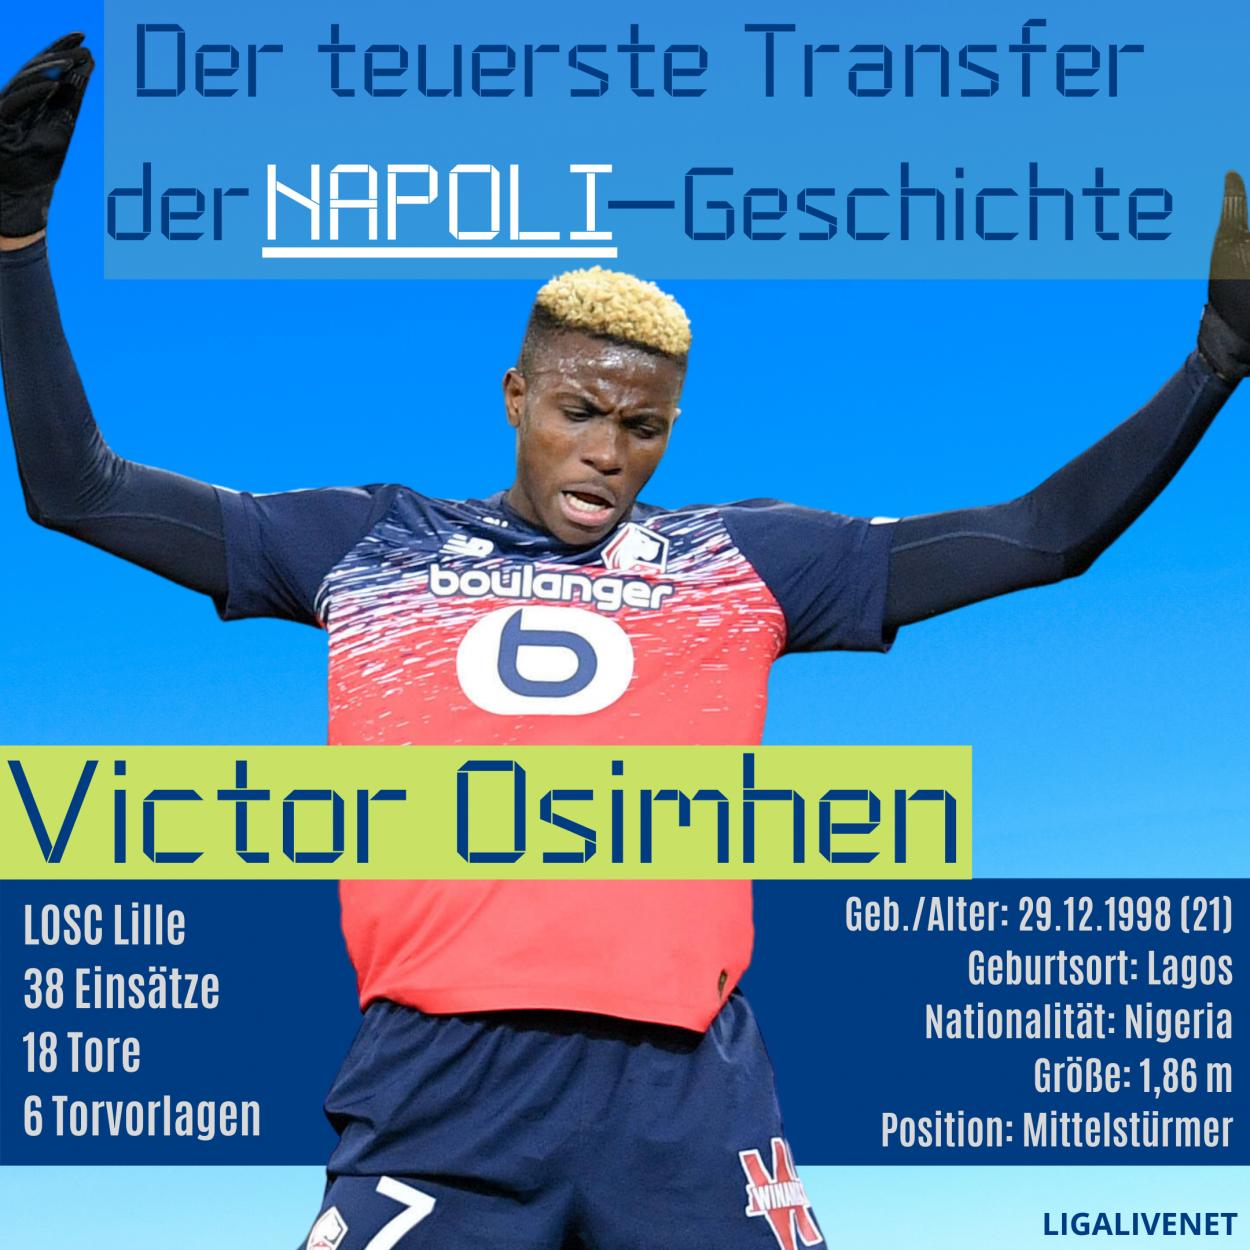 Victor Osimhen: Victor Osimhen: Der teuerste Transfer der Napoli-Geschichte